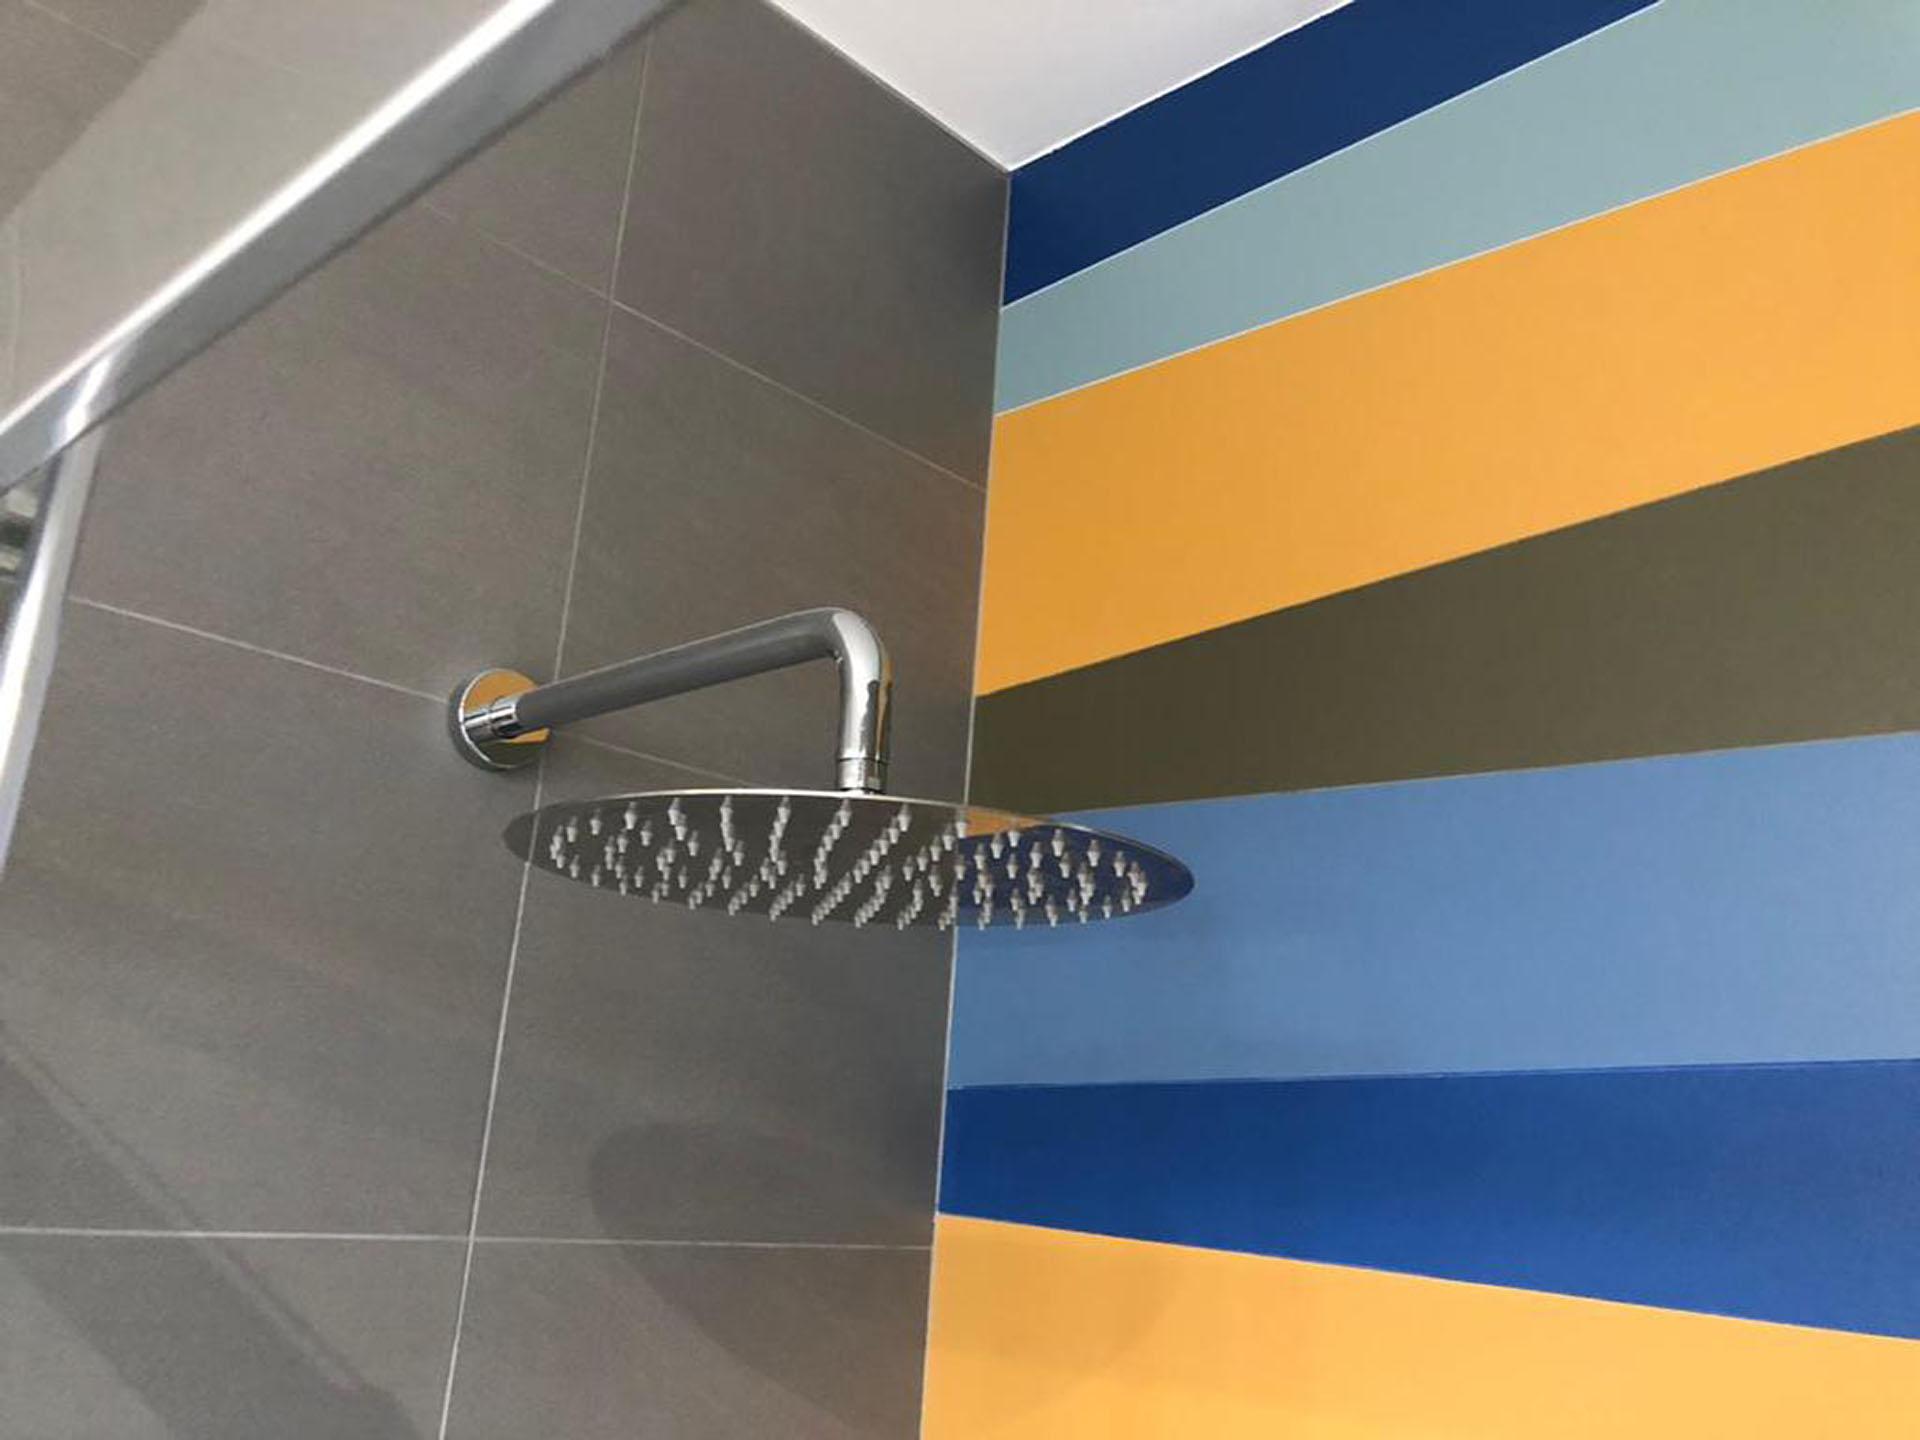 Dettaglio bagno privato soffione doccia basic